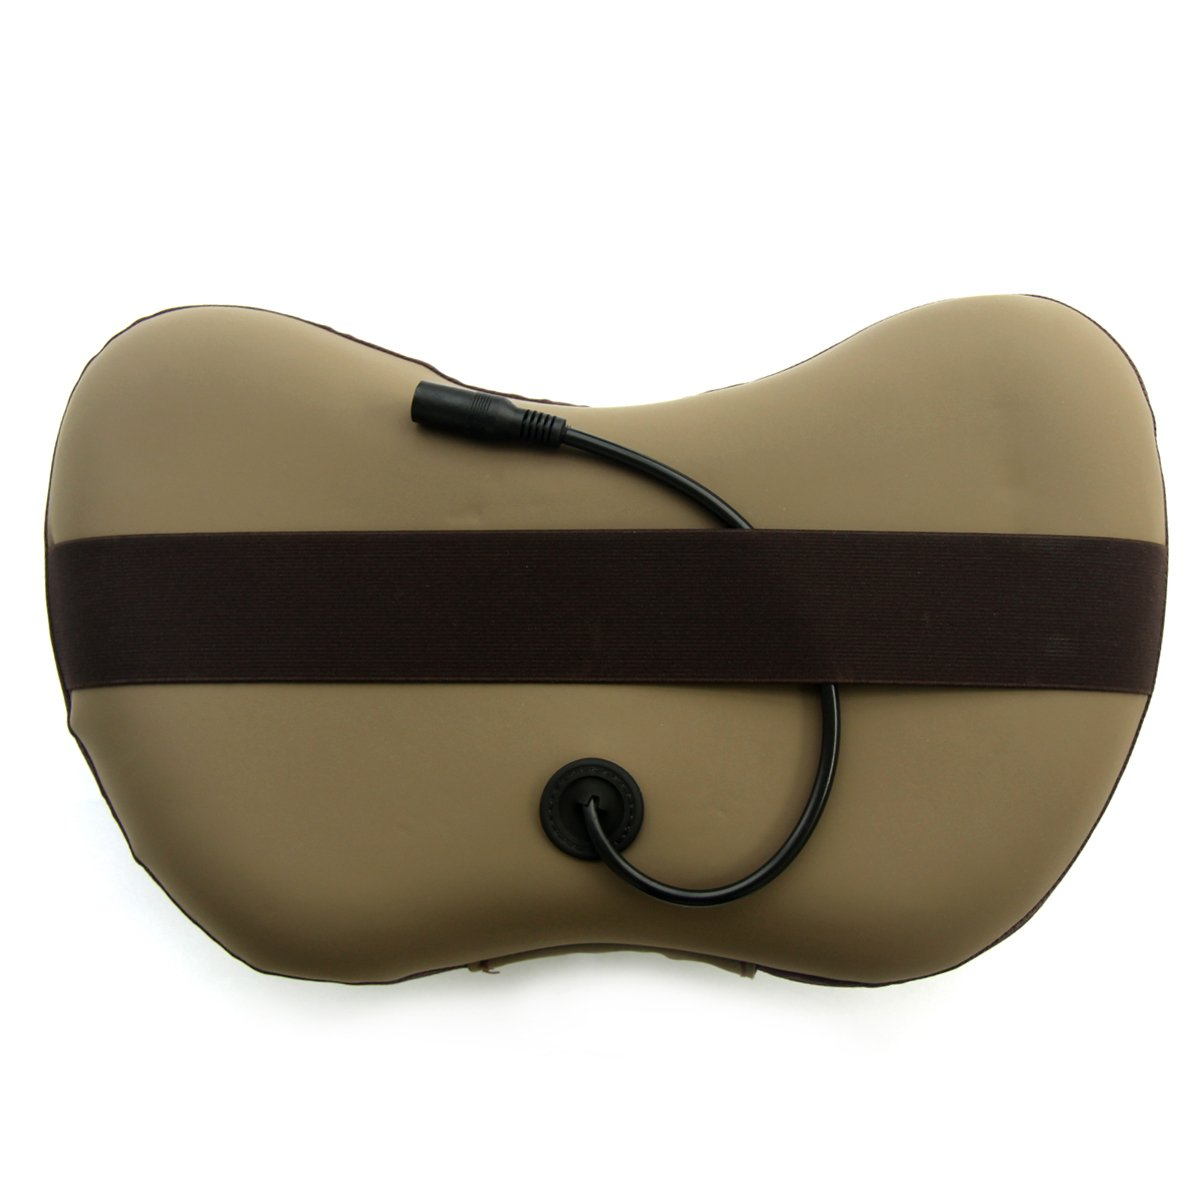 Cojín Masaje Shiatsu para Relajación Cuello Cintura Espalda Pierna & Caldeado y Mando a Distancia para Usar Coche y Doméstico,Oficina: Amazon.es: Bricolaje ...